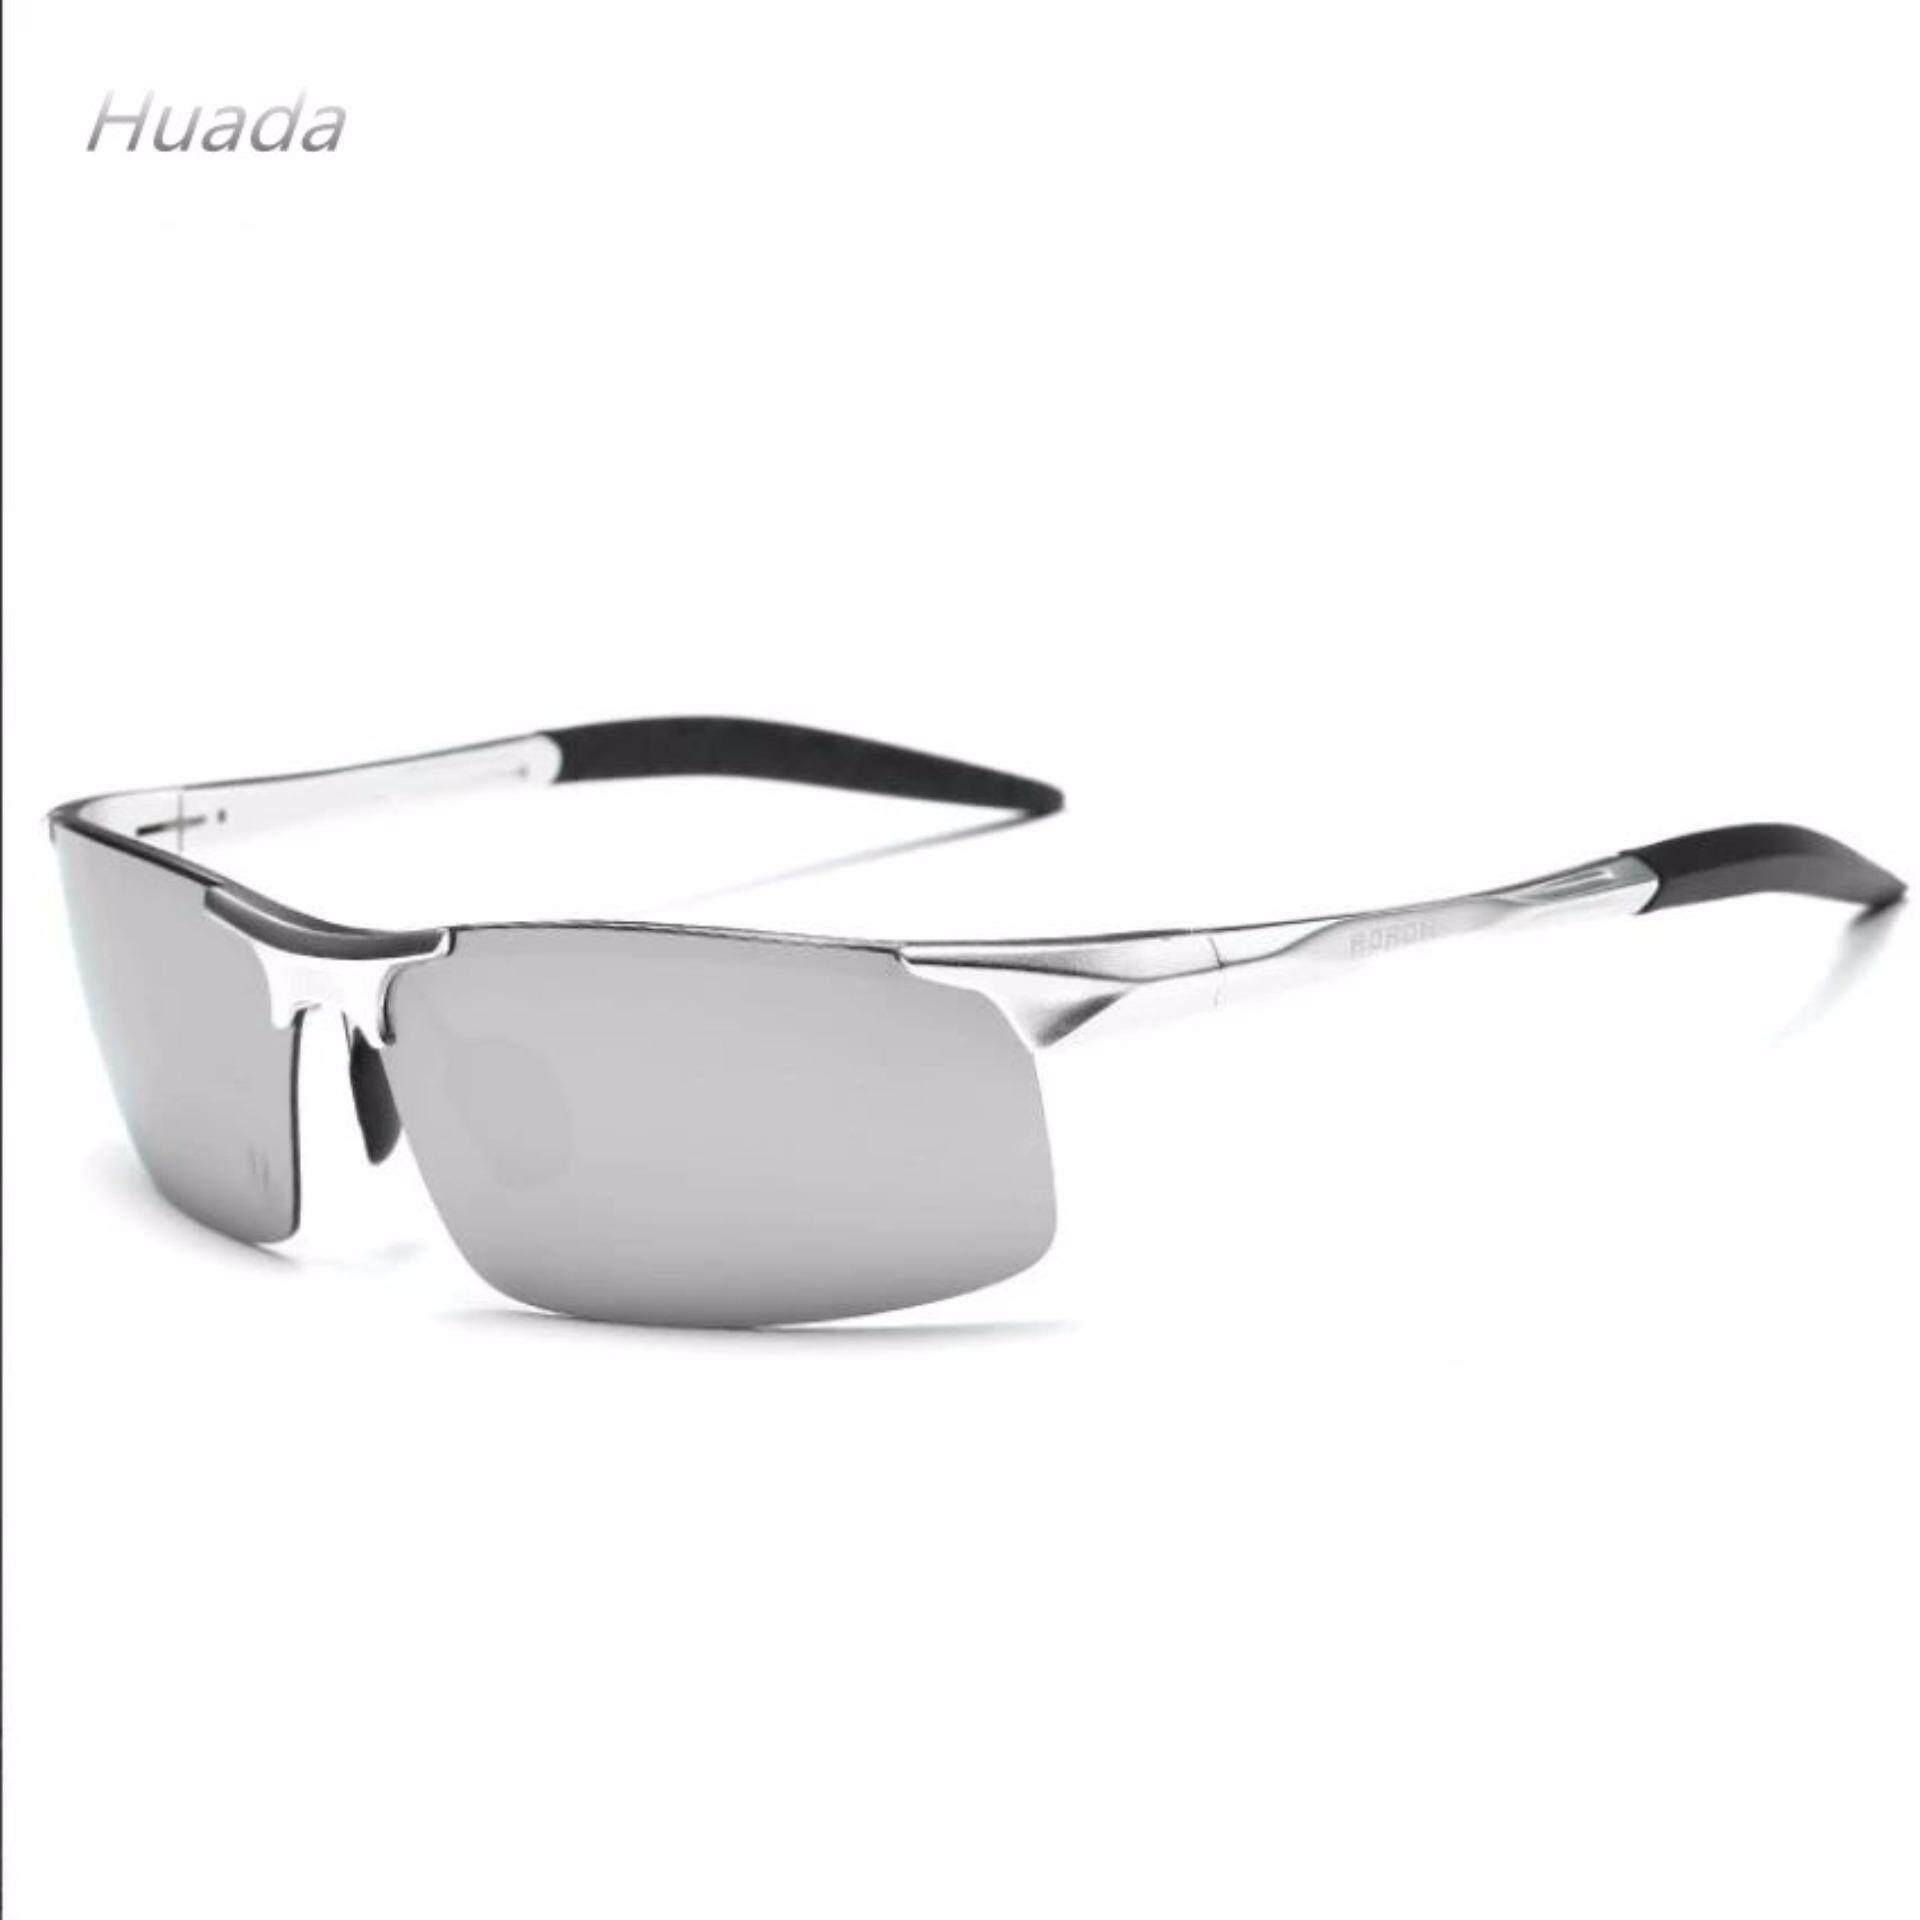 Klasik Kacamata Hitam Terpolarisasi Pria Mengemudi Coating Kacamata Cermin untuk Mens Modus Malam Kacamata Pria UV400